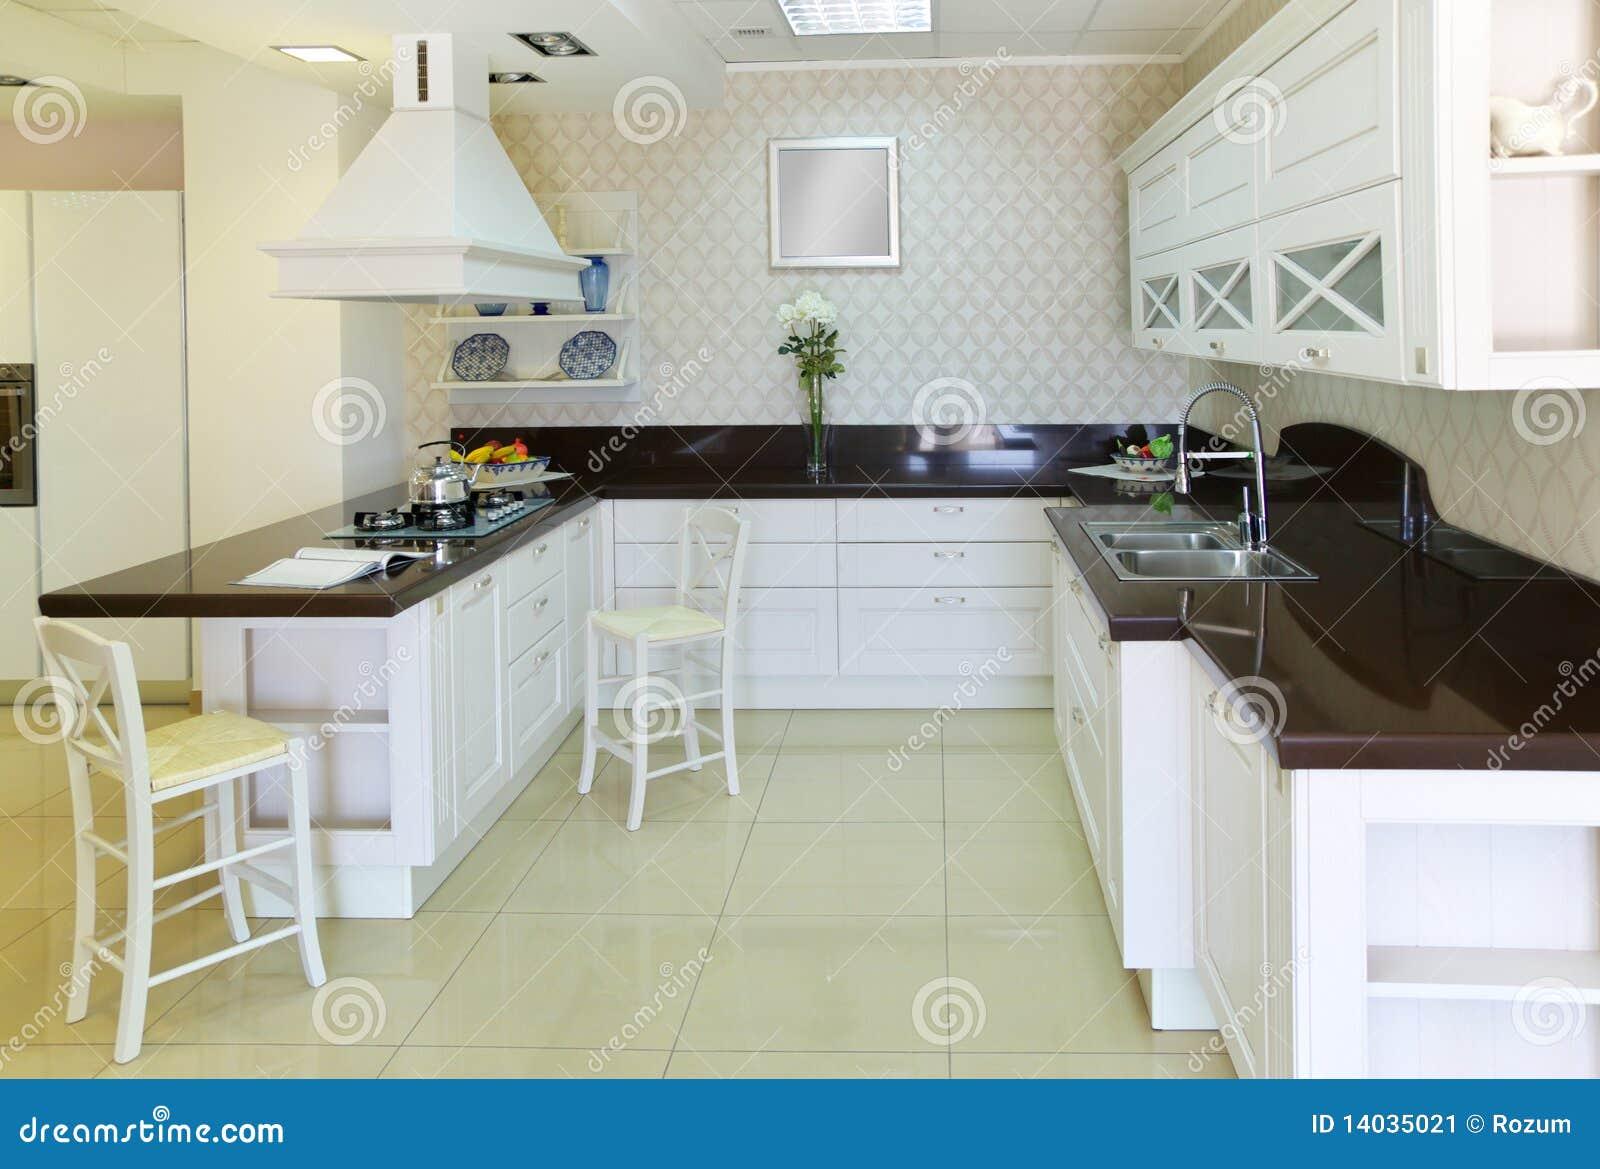 Moderne weiße küche  Moderne Weiße Küche Stockbild - Bild: 14035021